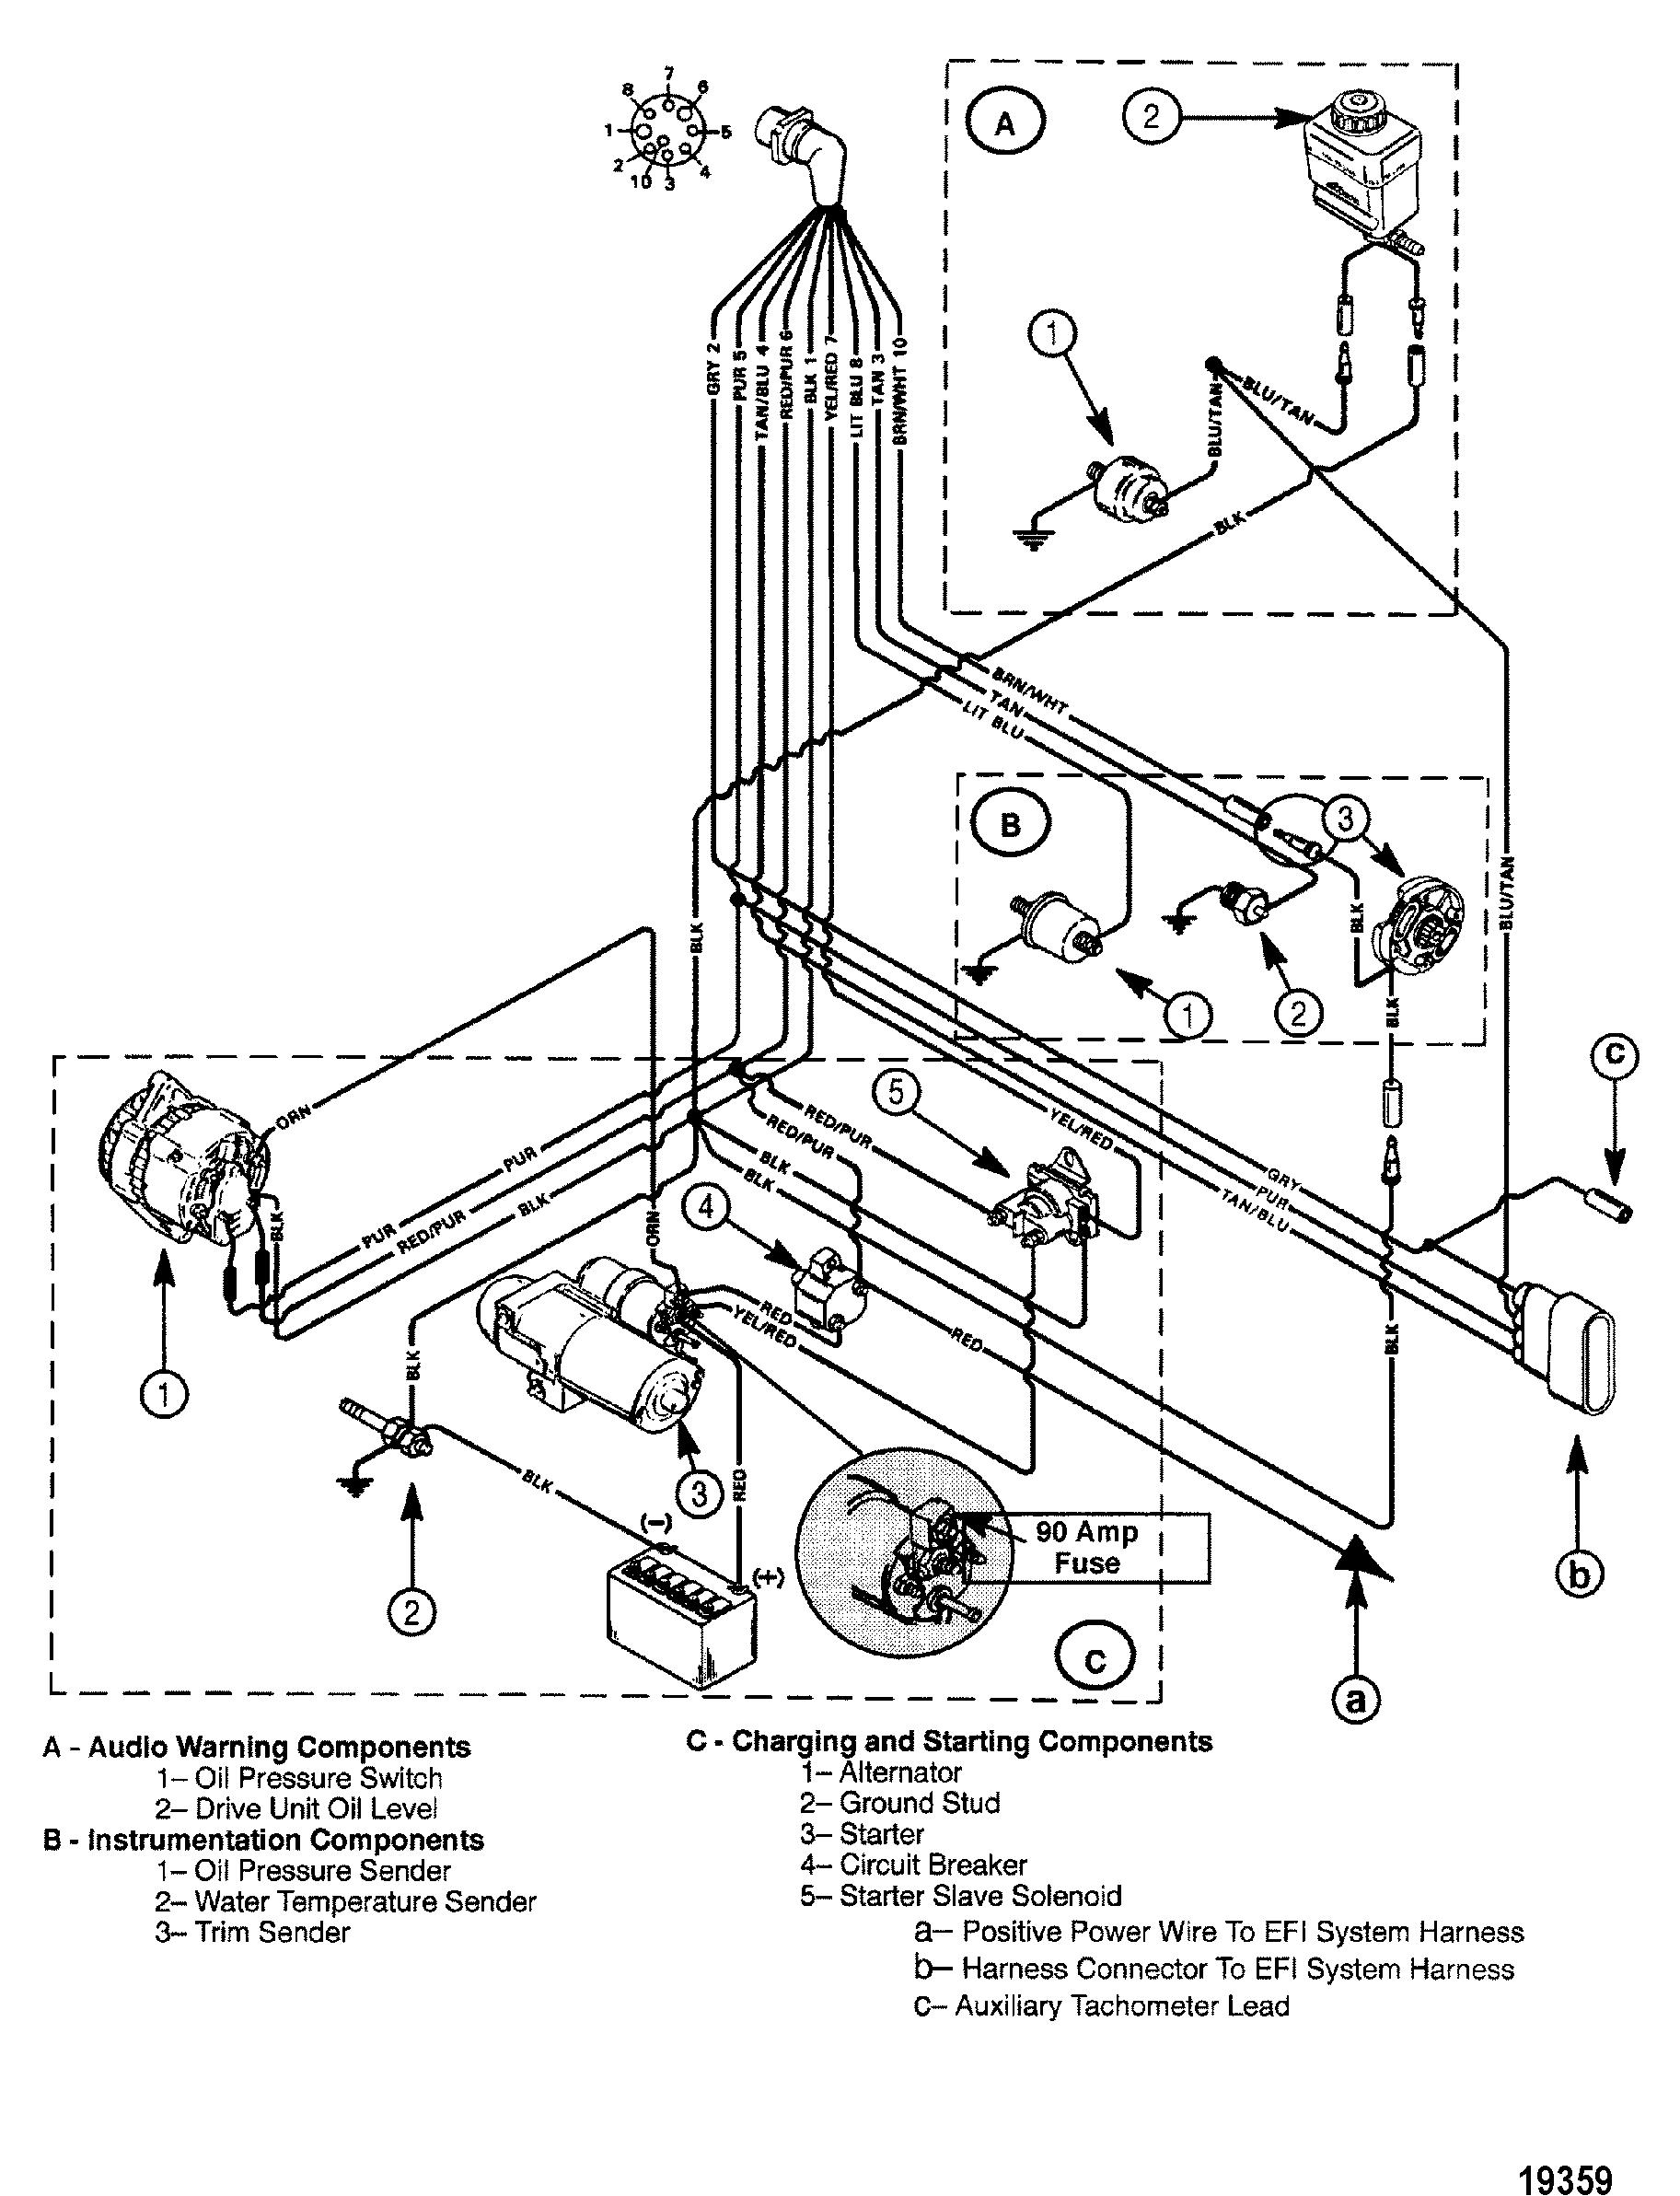 1996 Mercruiser 5.7 Wiring Diagram